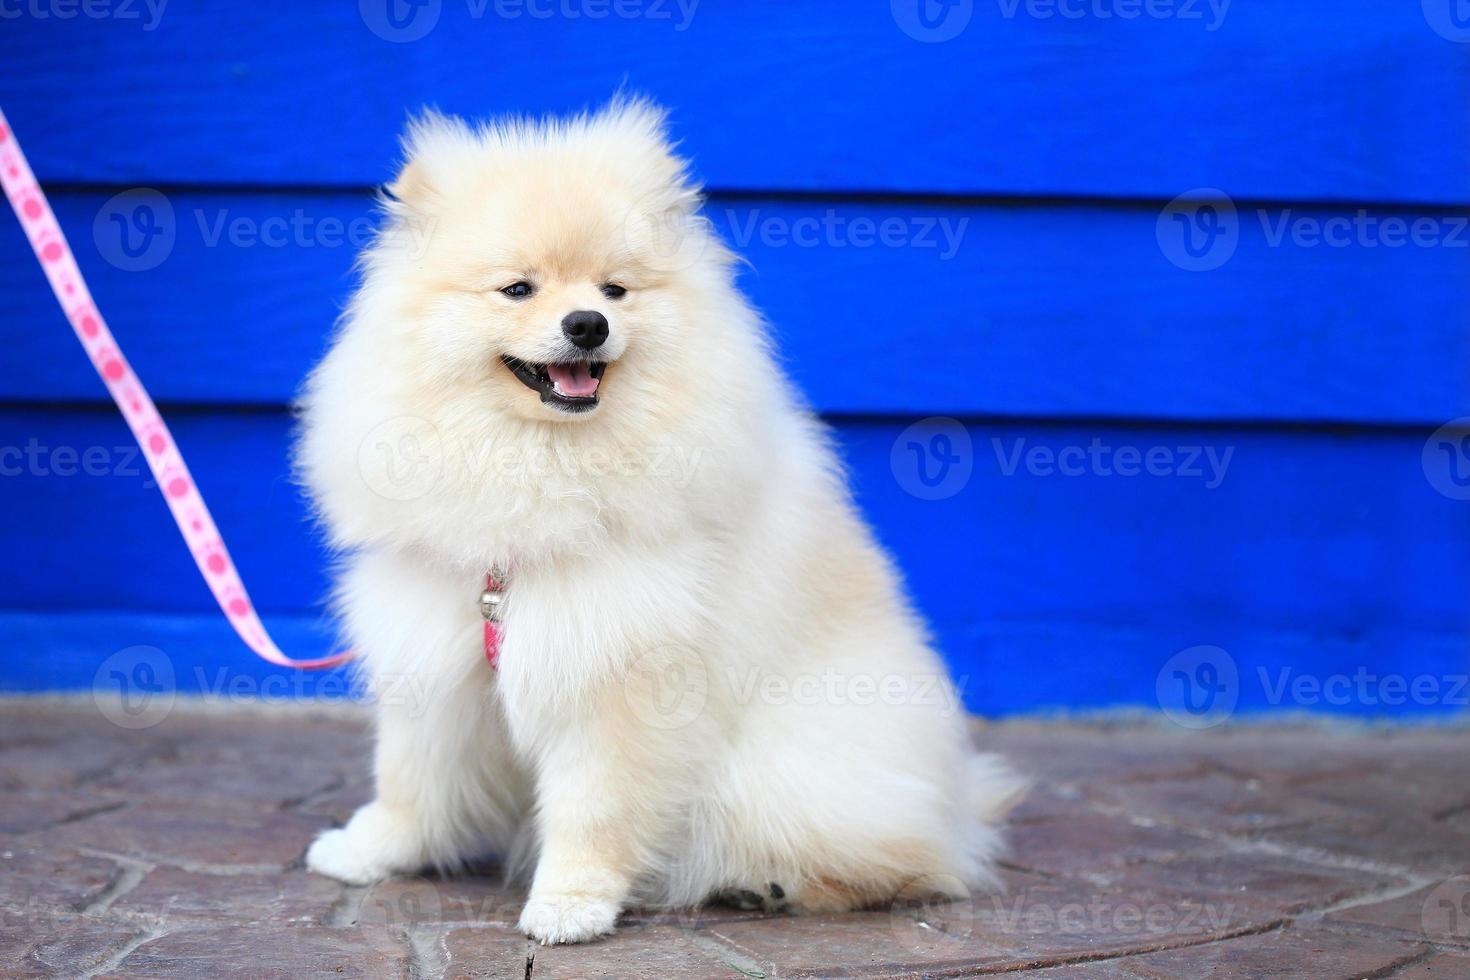 cachorro de pomerania blanco foto